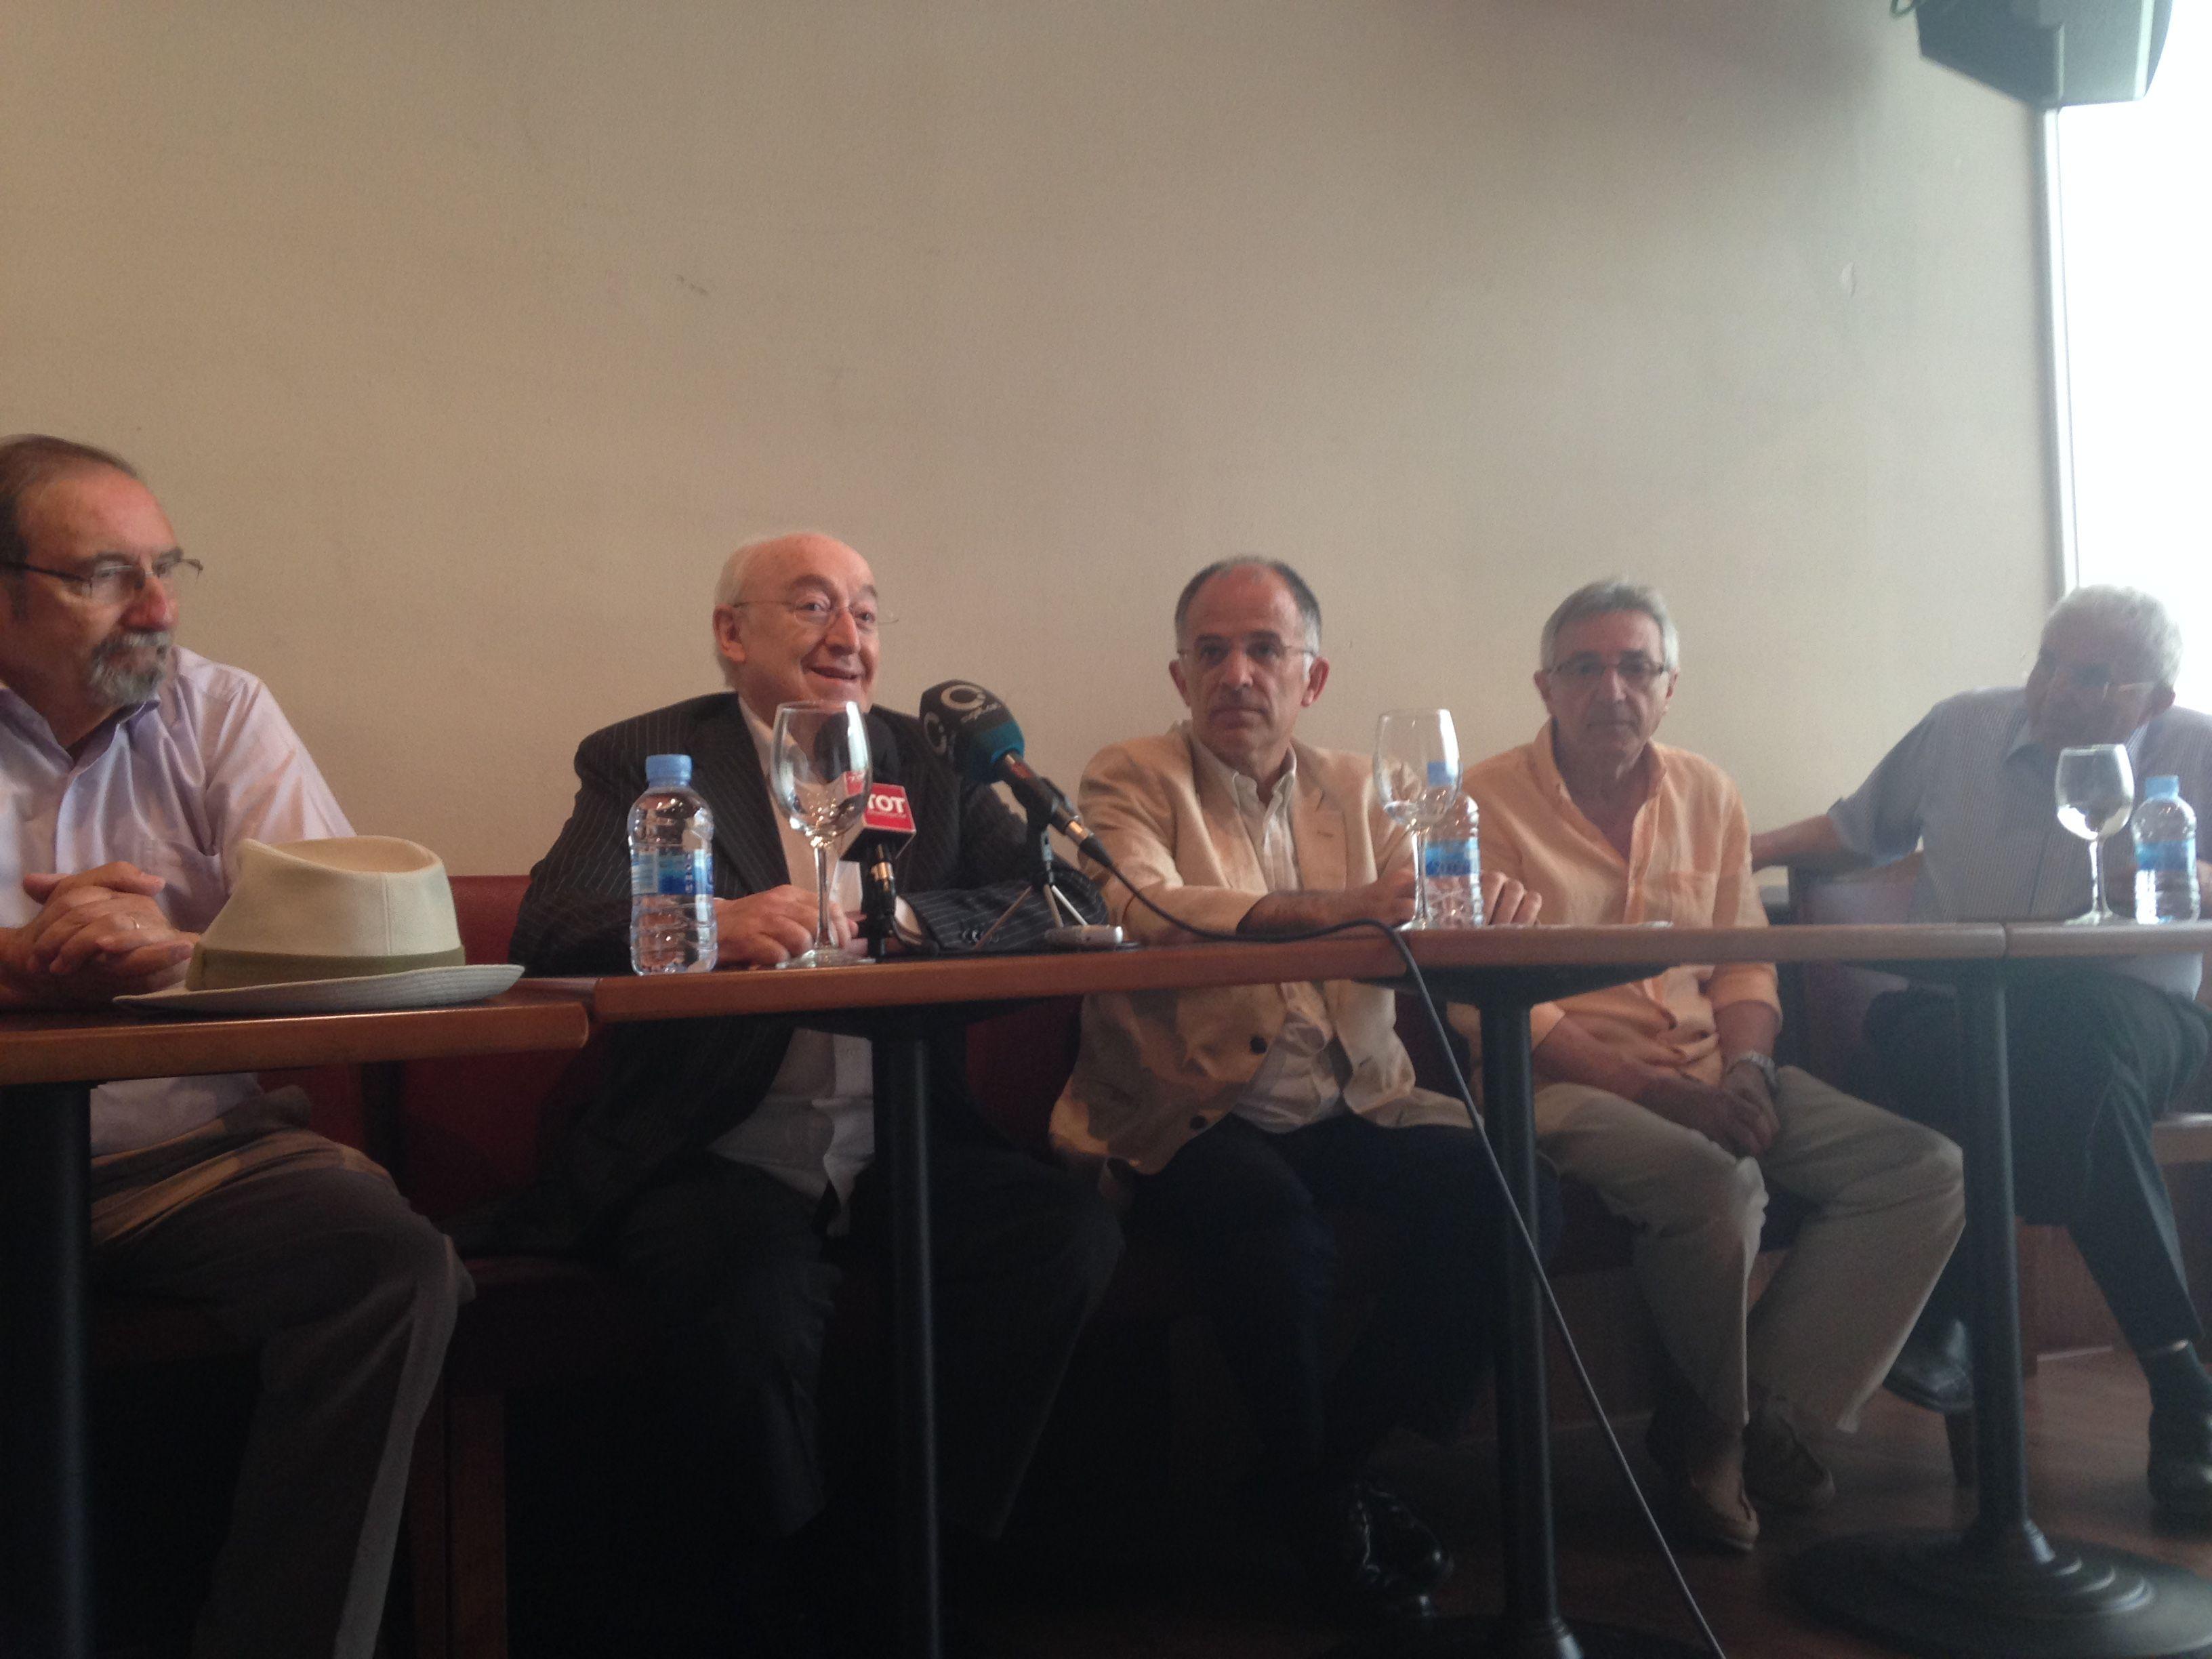 L'obra s'ha presentat dimarts, 9 de juny, al Cafè Auditori. FOTO: C.Caballé